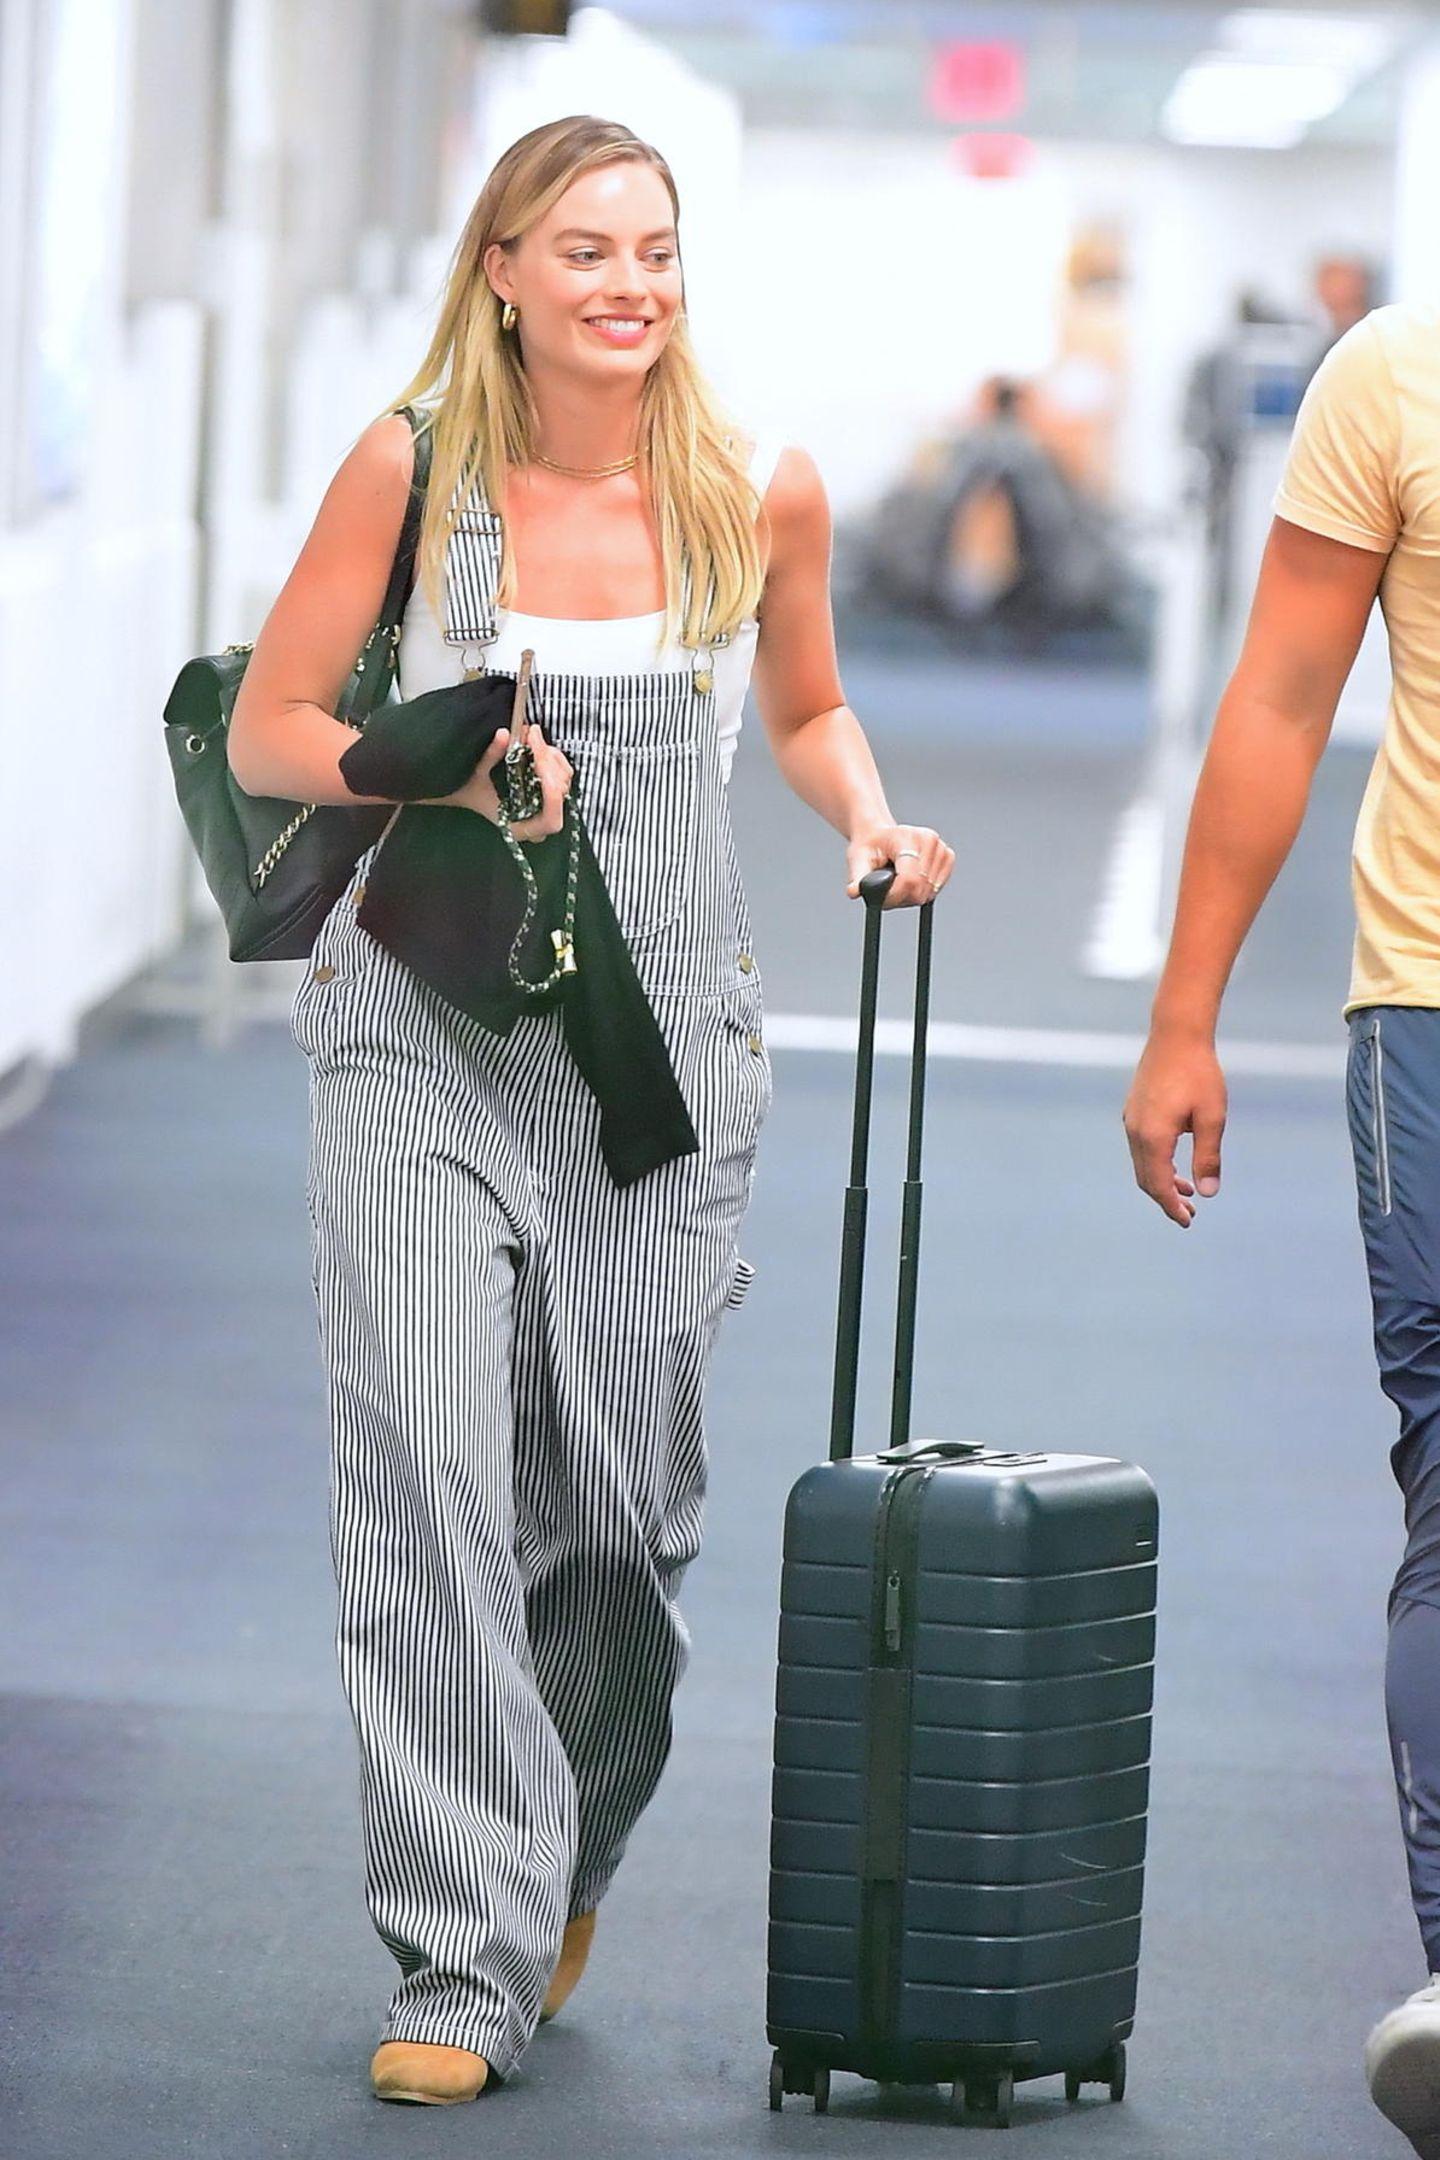 """""""Komfort geht vor"""" scheint sich Margot Robbie bei diesem Look gedacht zu haben. Zu Tanktop und Latzhose kombiniert sie flache Schuhe und keinerlei Make-up."""